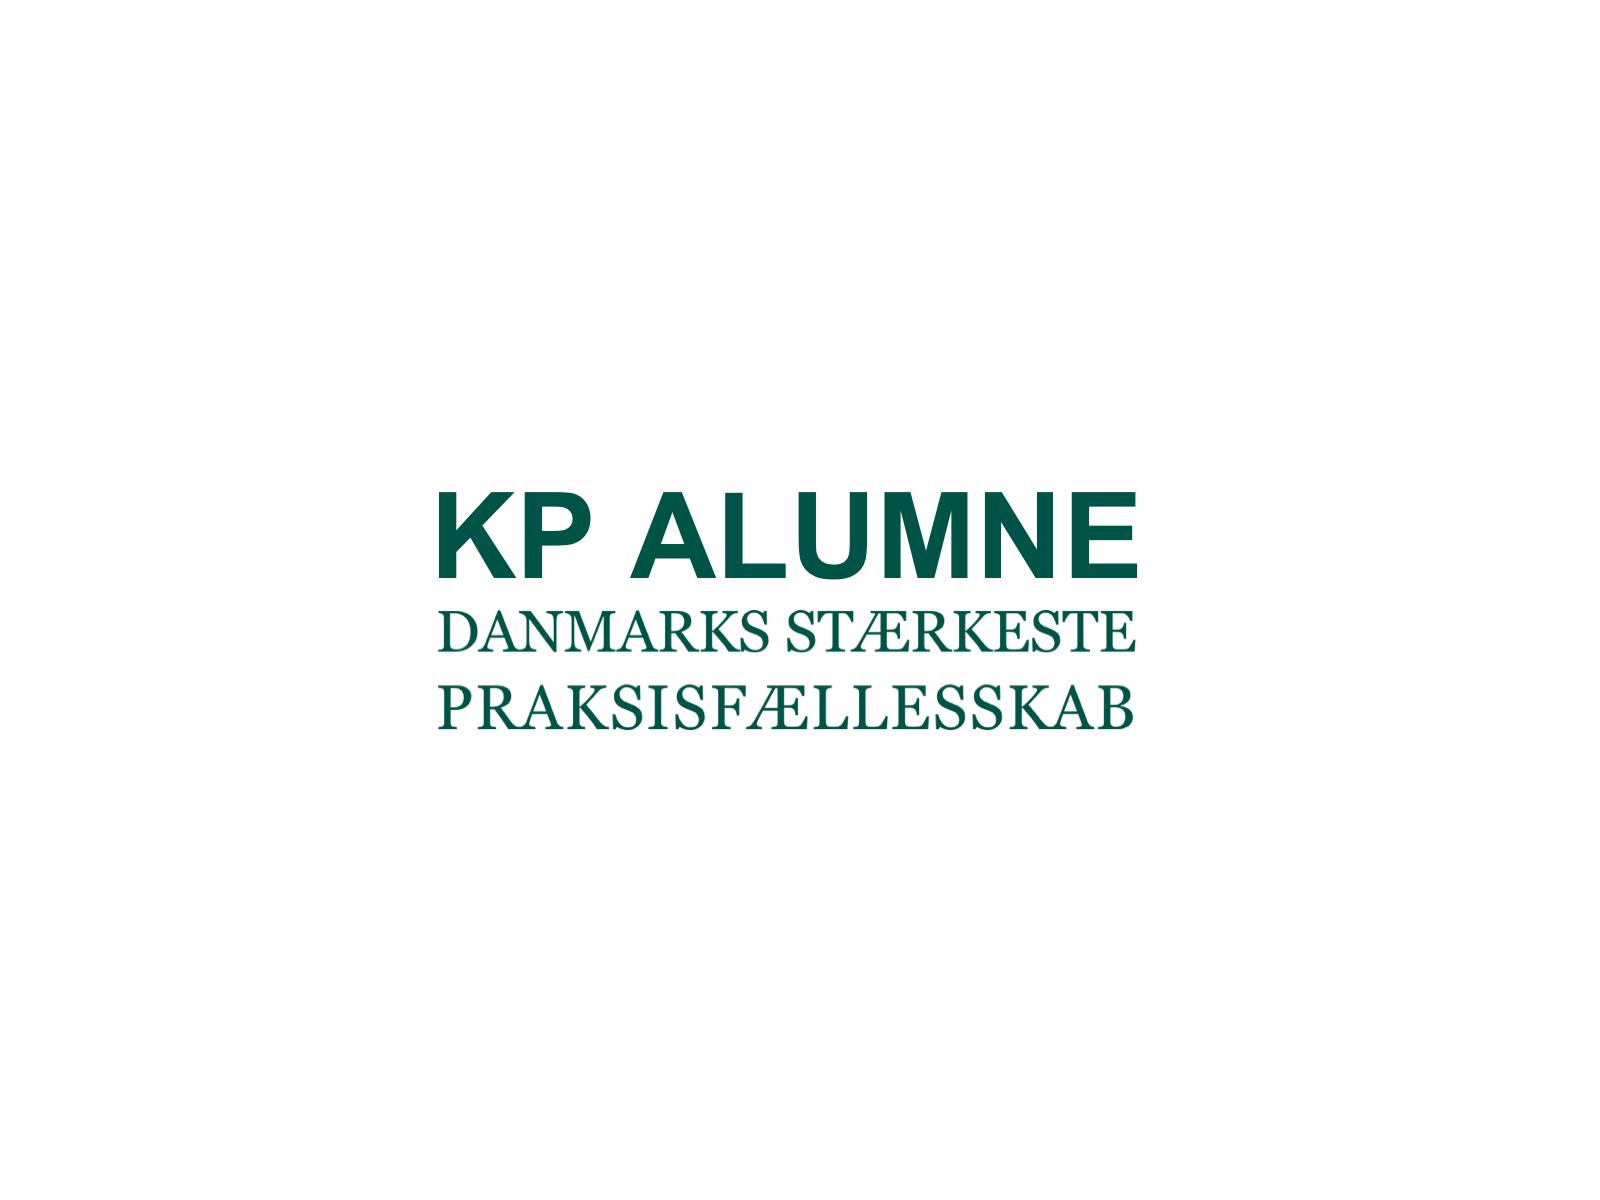 KP Alumne